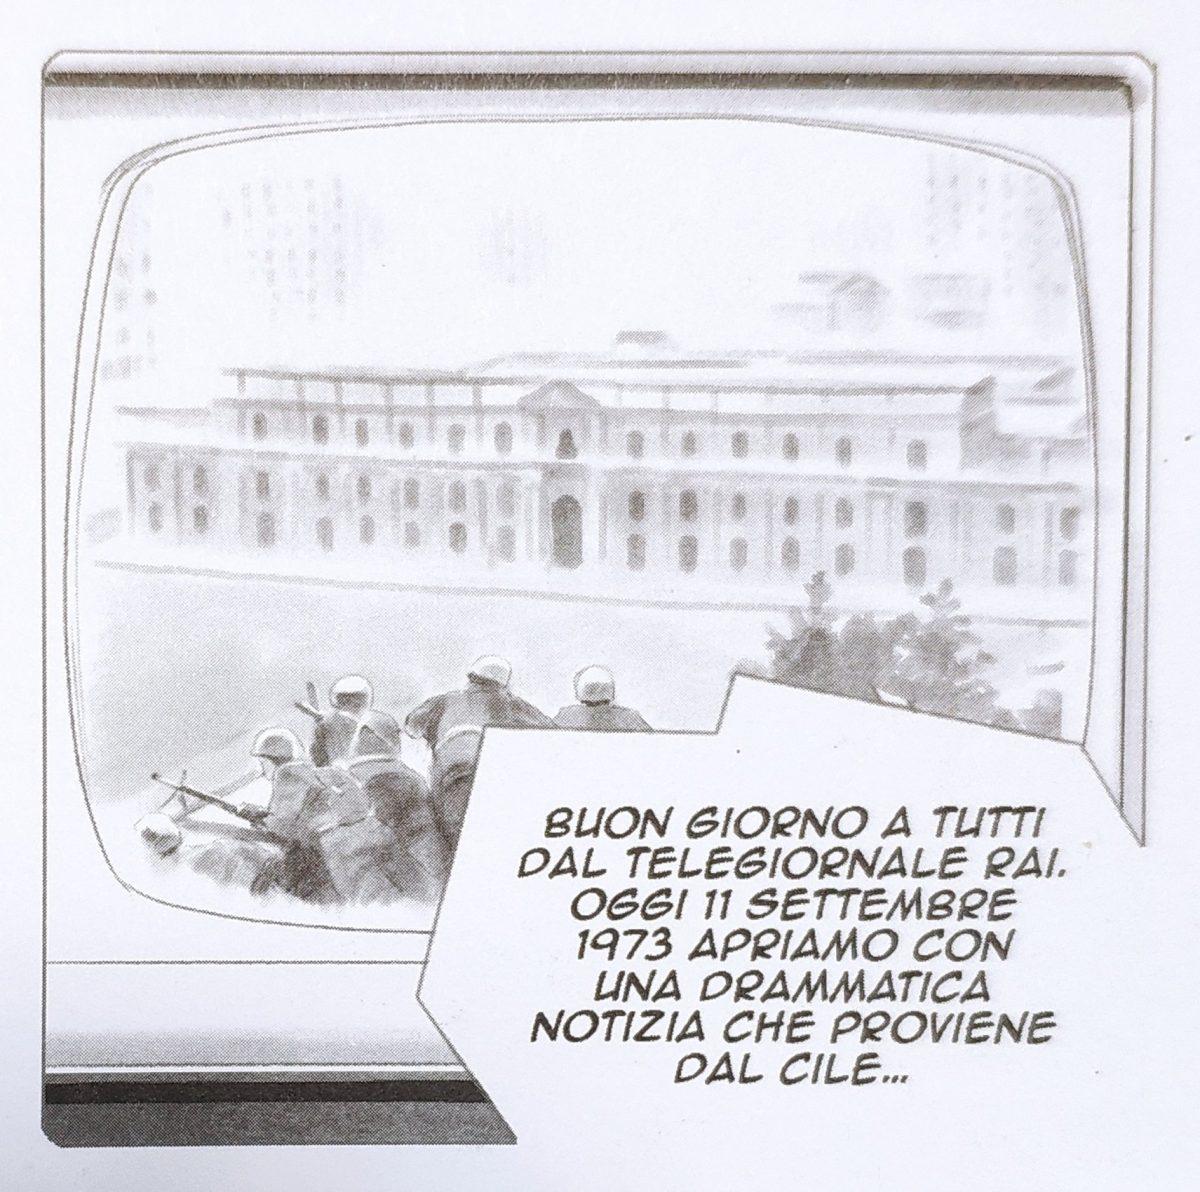 Mio caro fumetto... - L'11 settembre 1973 il golpe di Pinochet in Cile